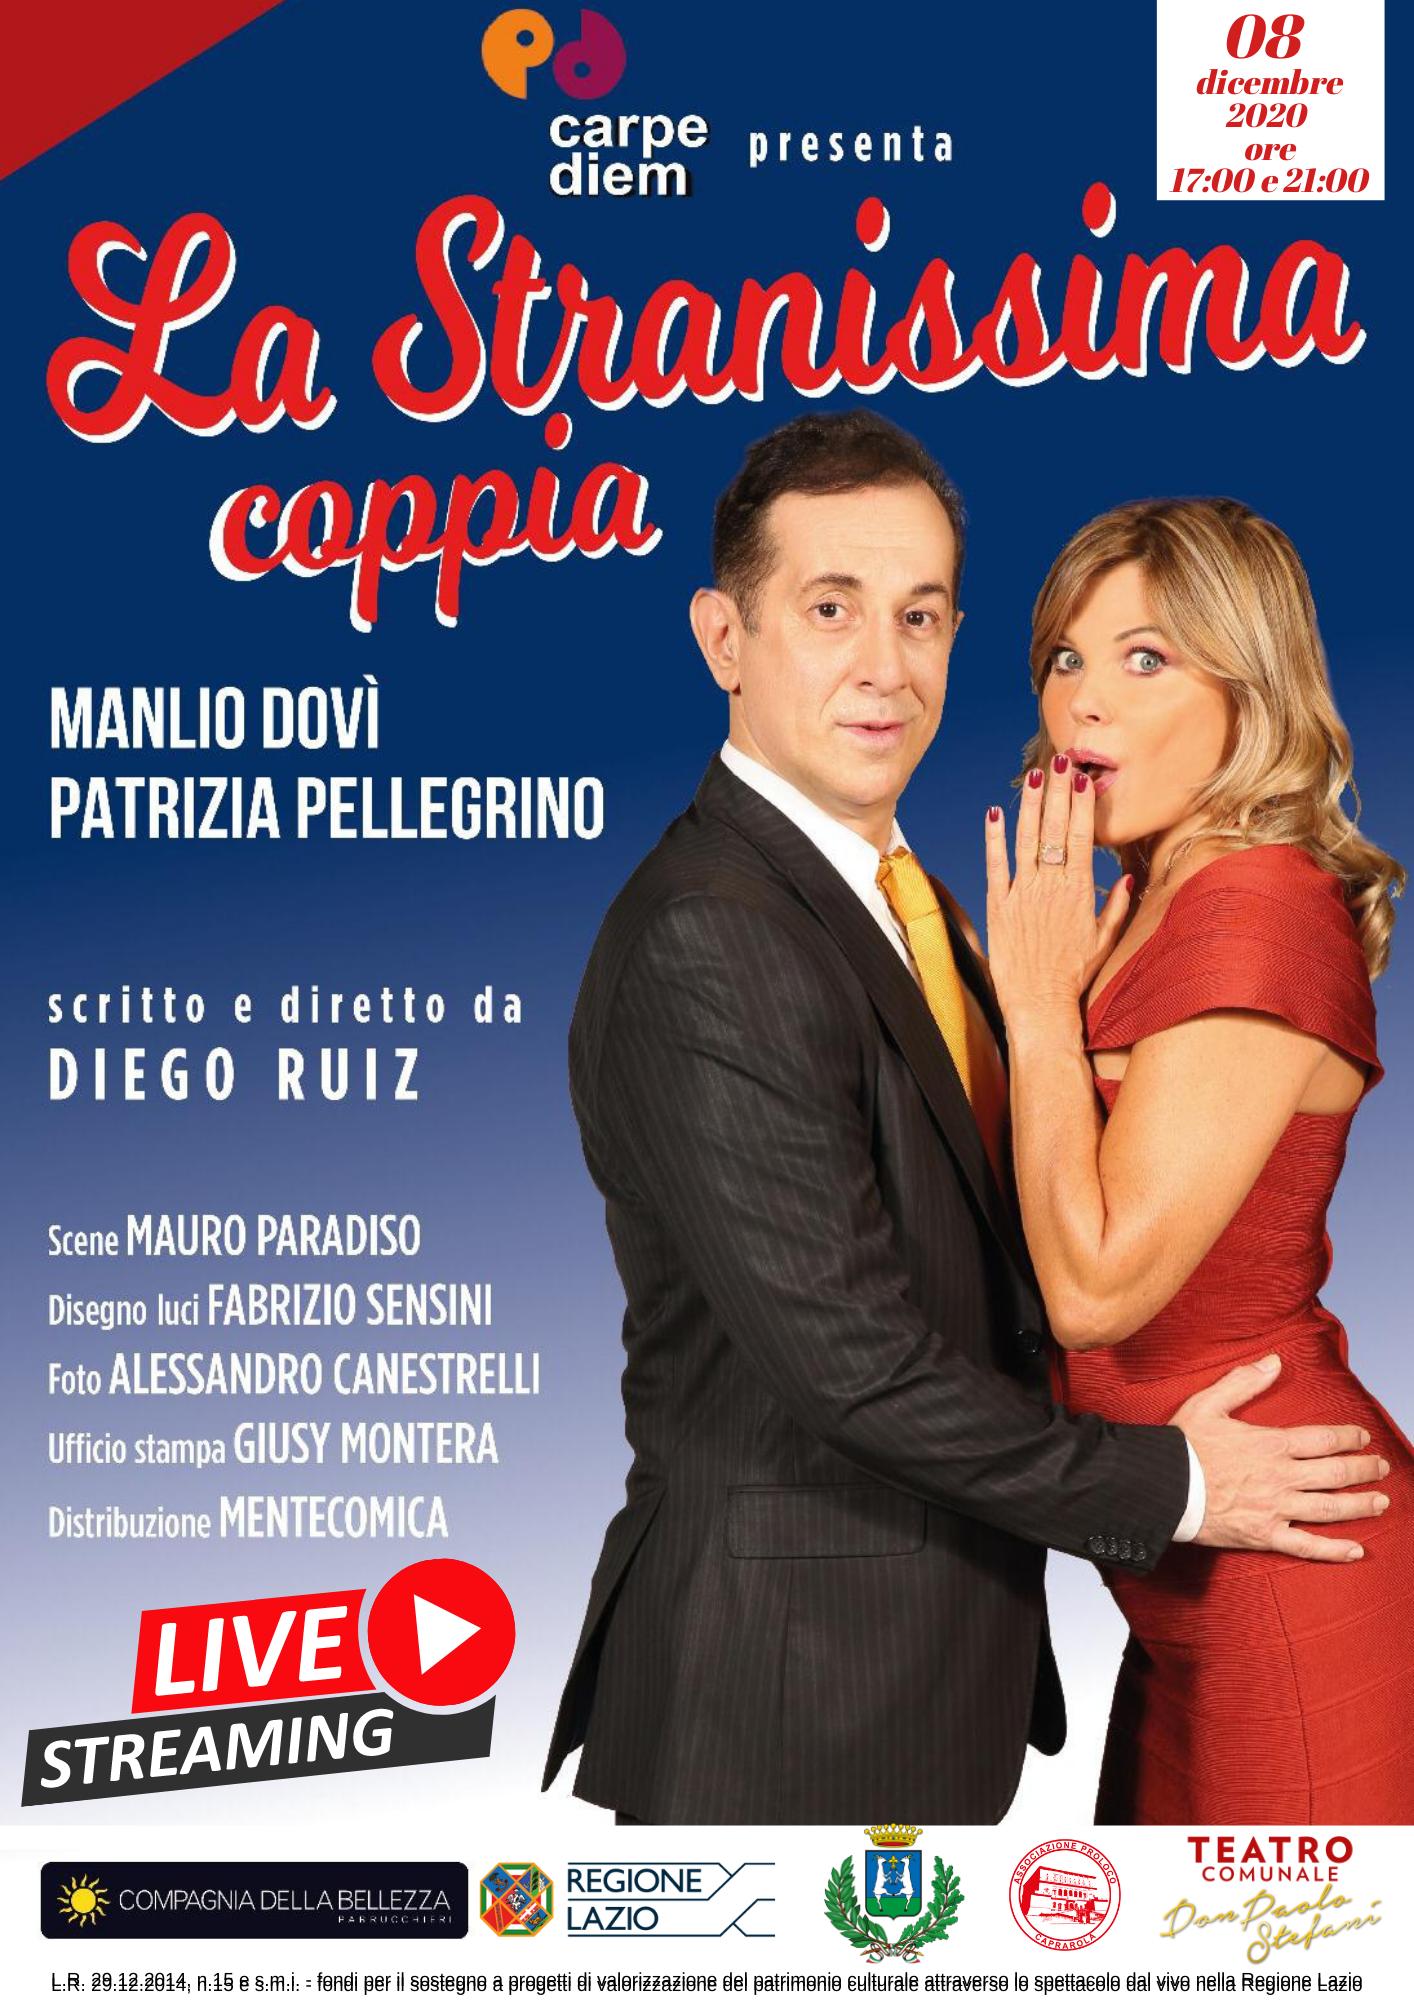 A CAPRAROLA IL TEATRO DON PAOLO STEFANI VA IN STREAMING CON